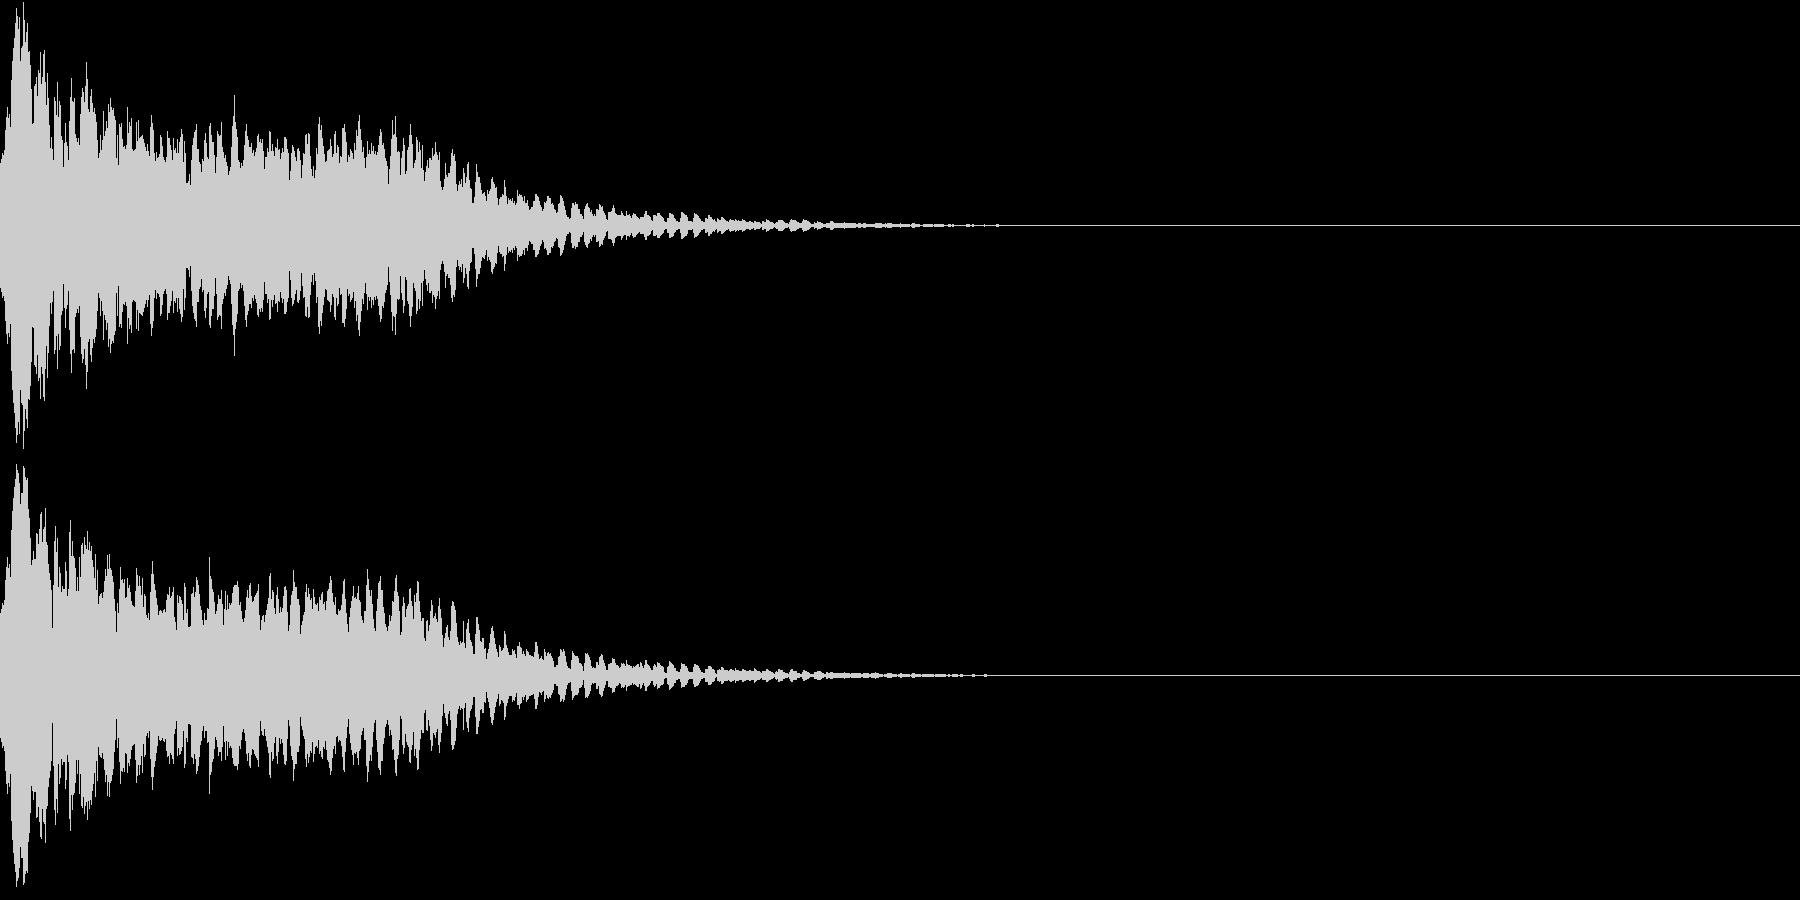 キュイン ボタン ピキーン キーン 35の未再生の波形